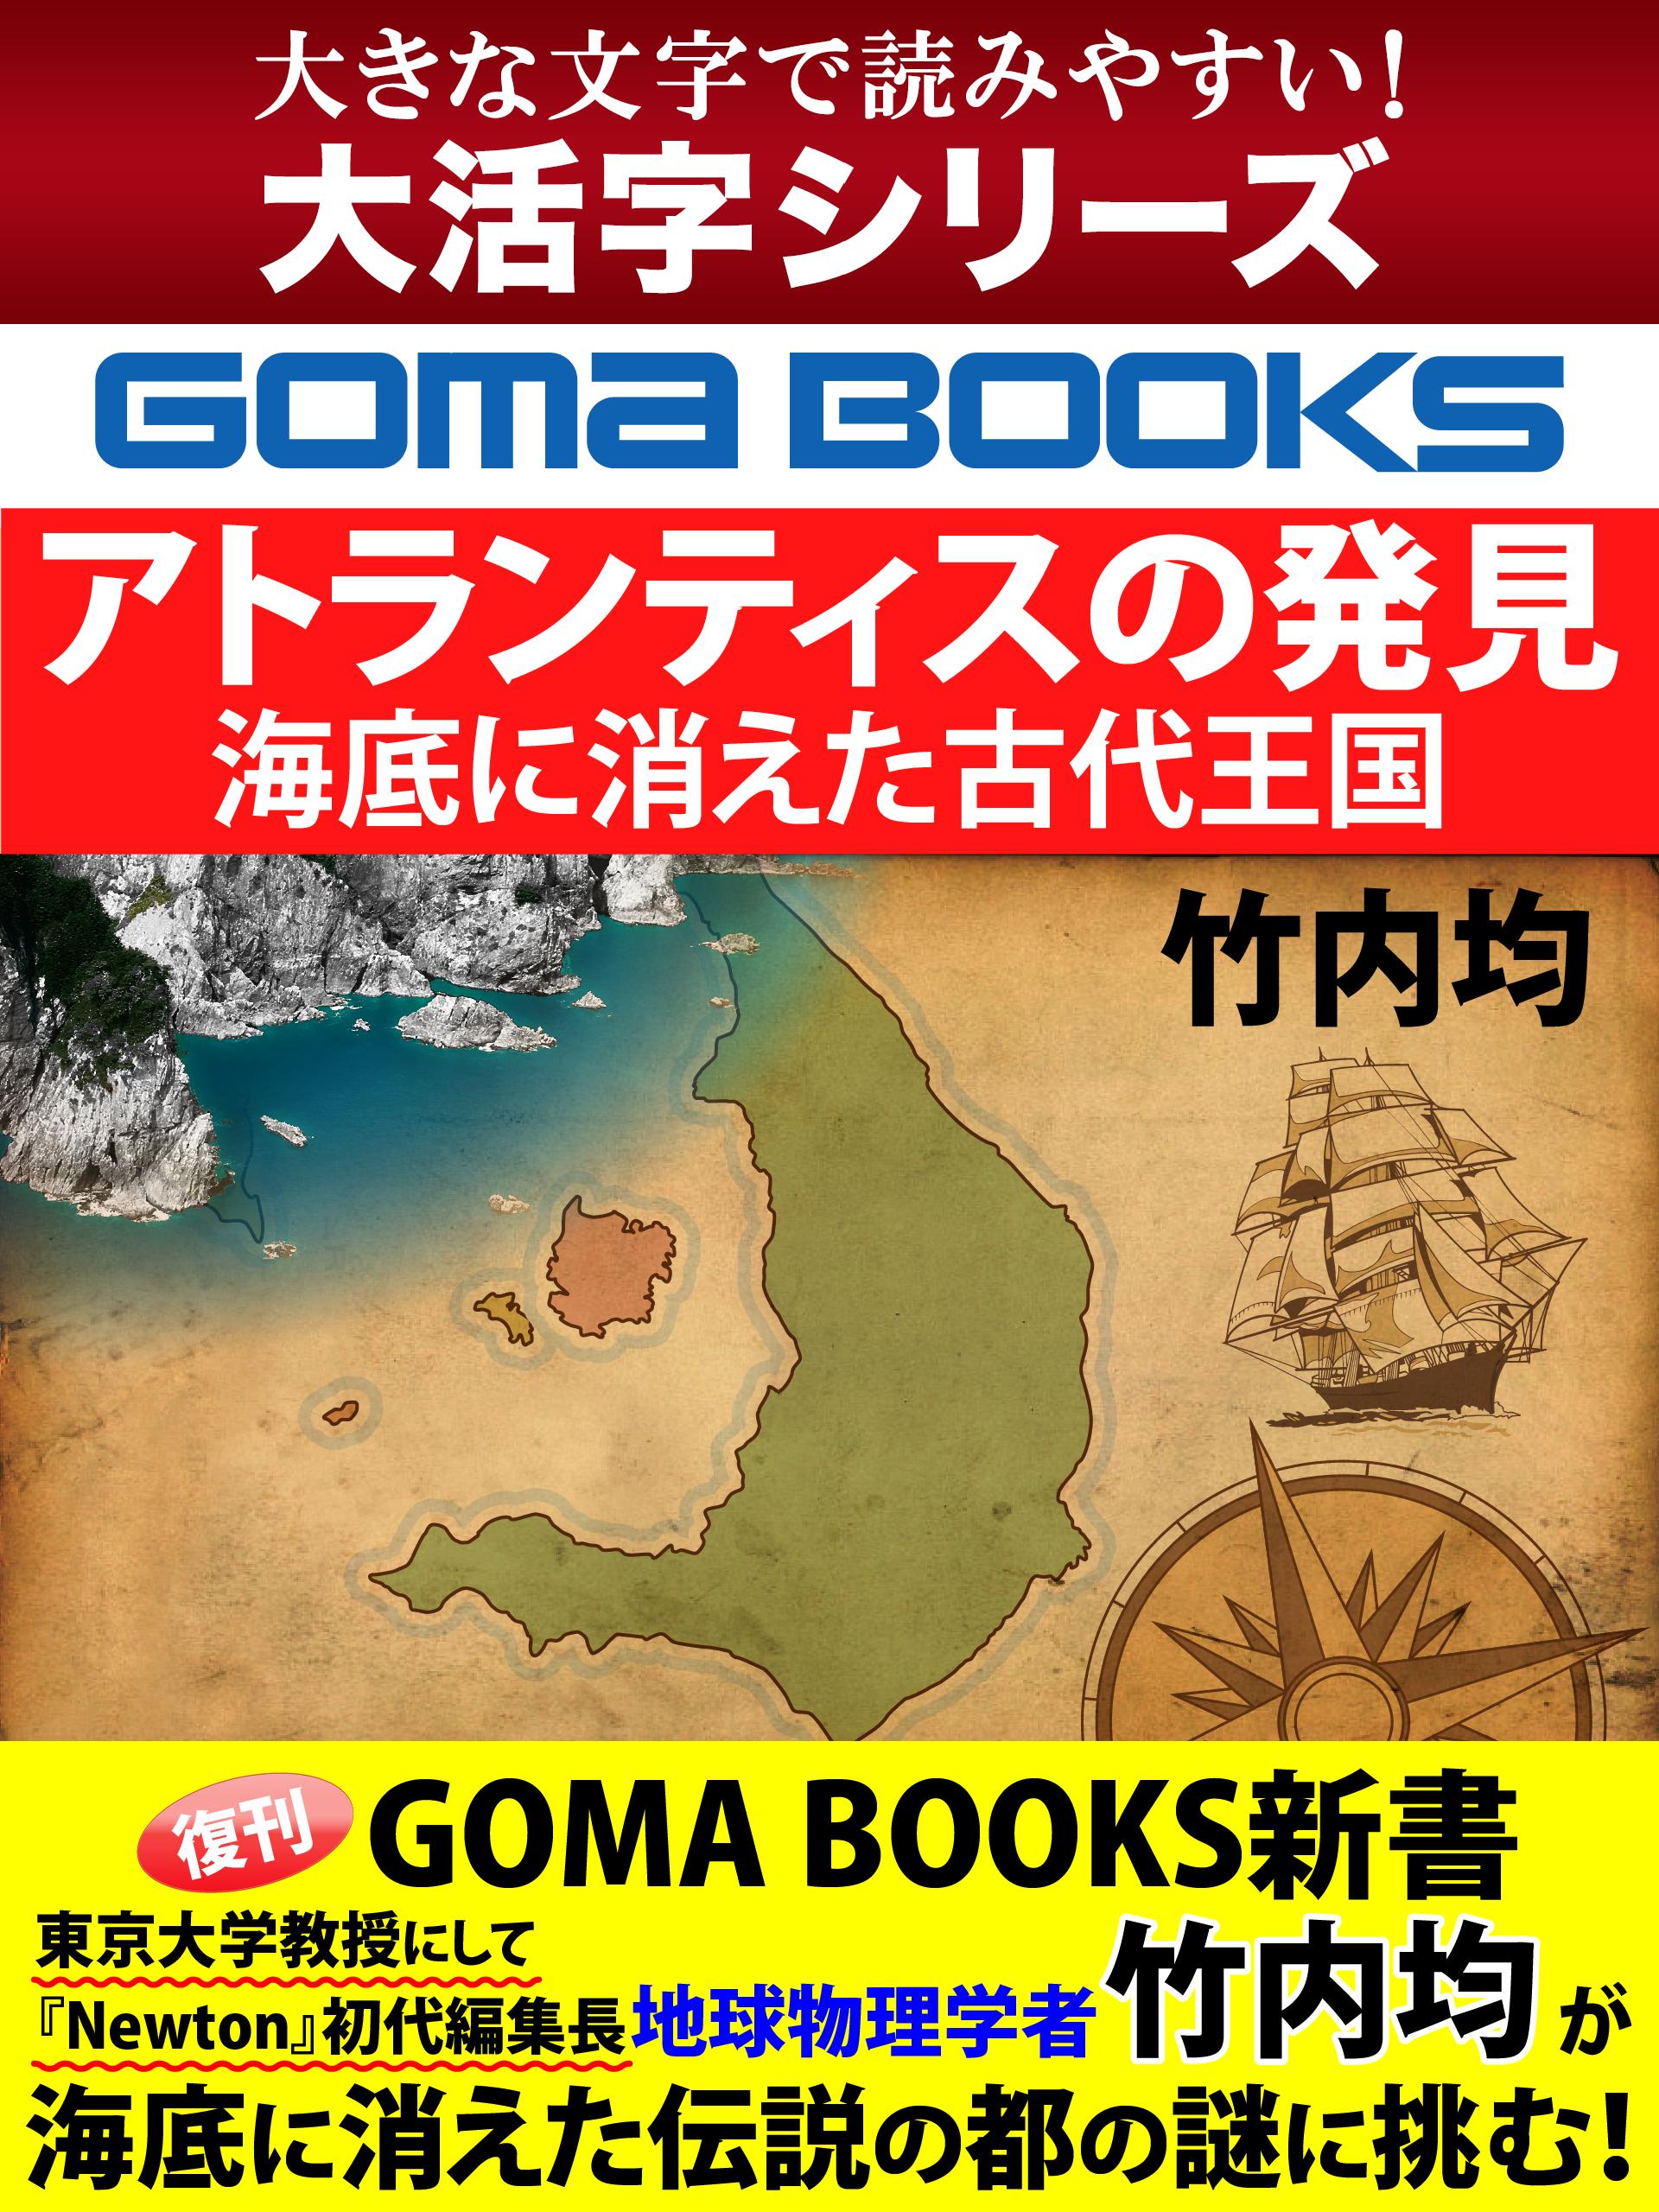 【大活字シリーズ】アトランティスの発見 海底に消えた古代王国